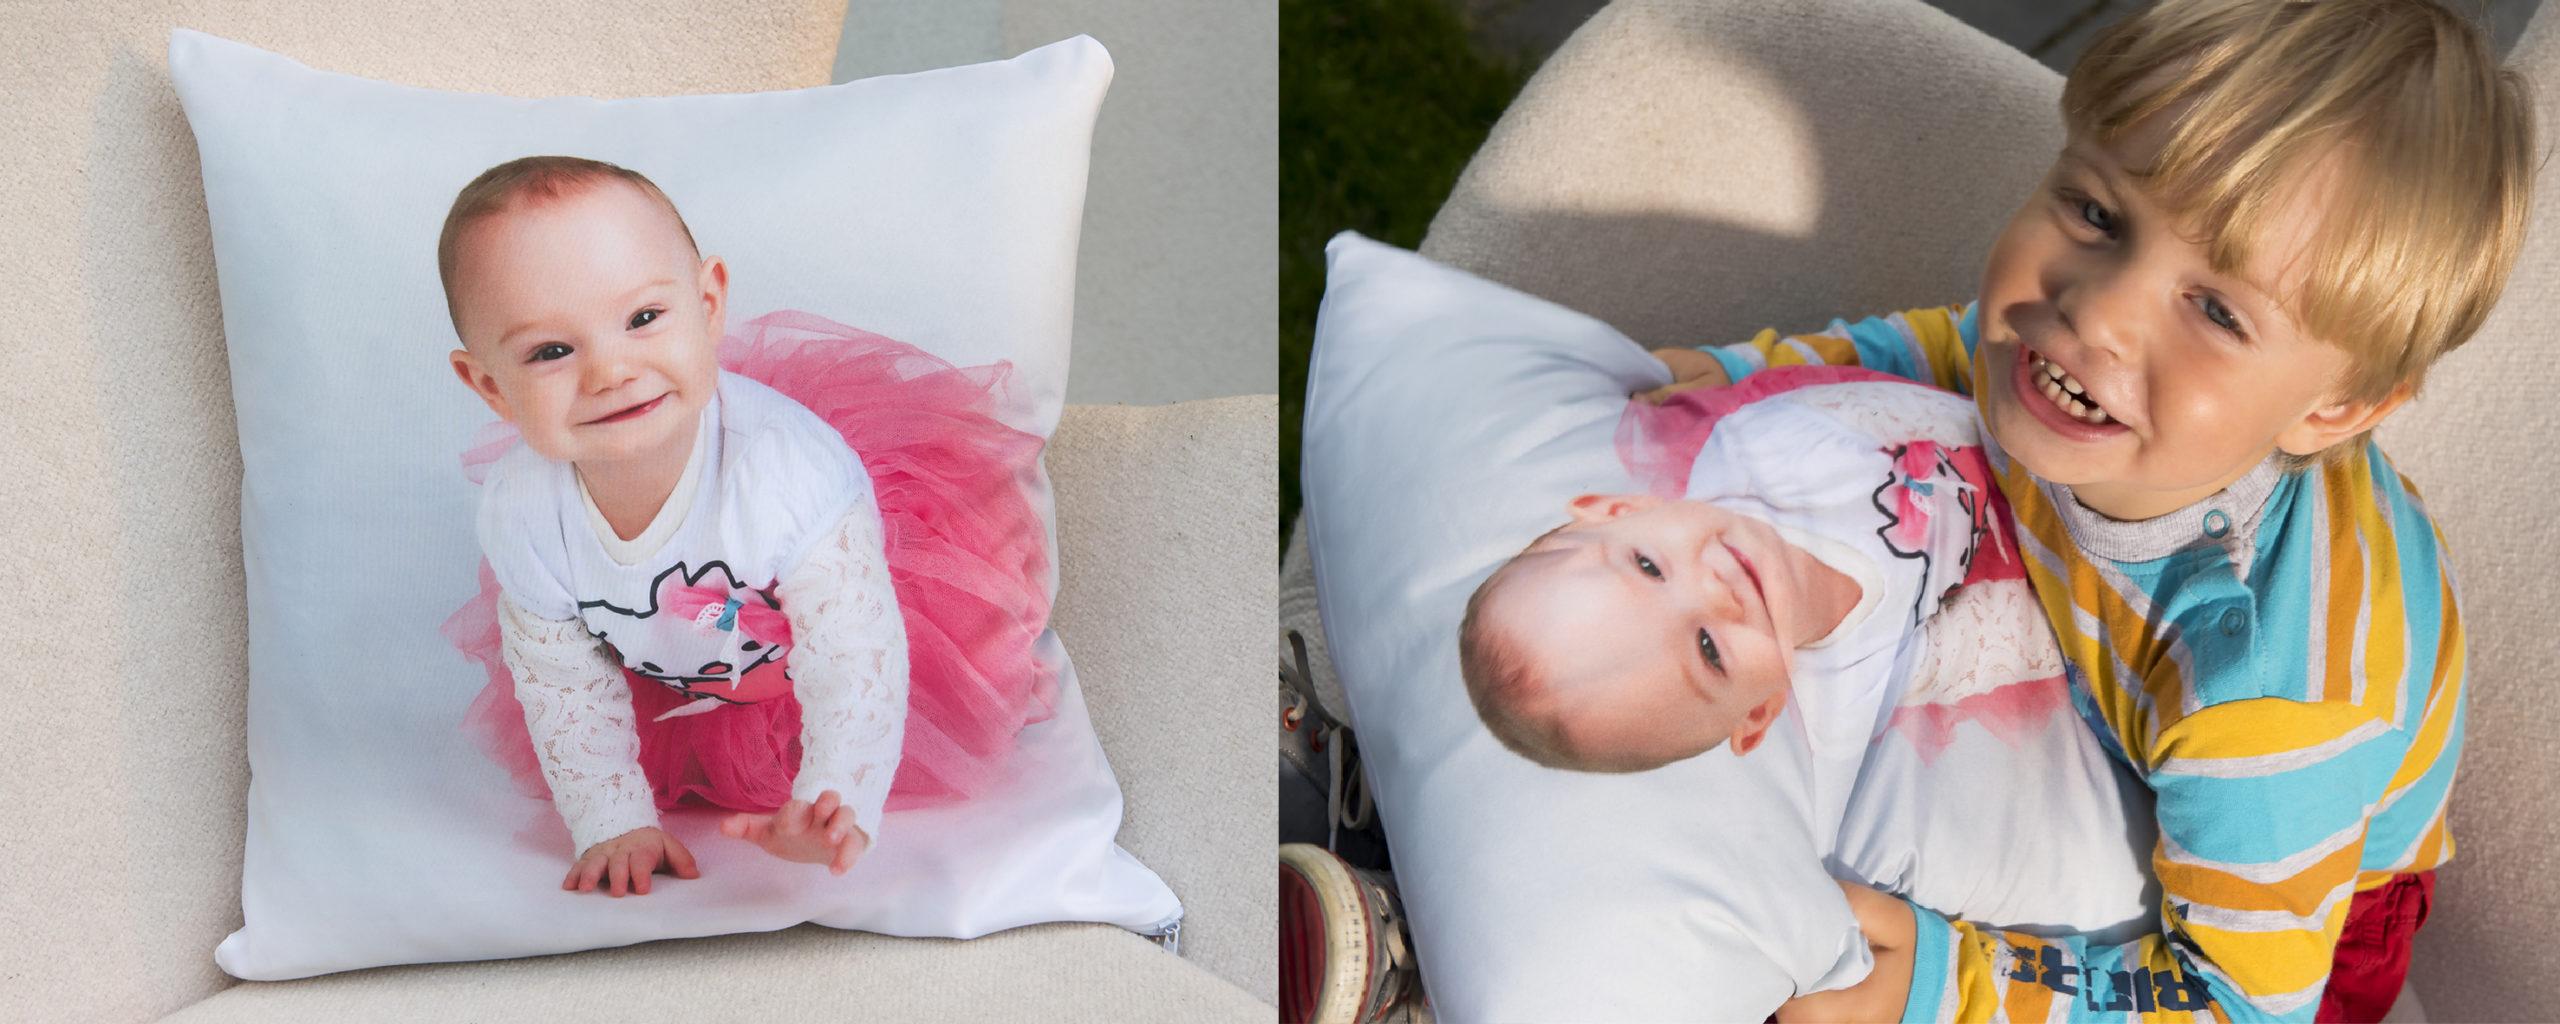 Poduszka ze zdjęciem ILUMINACYJNA - poduszka dzieci